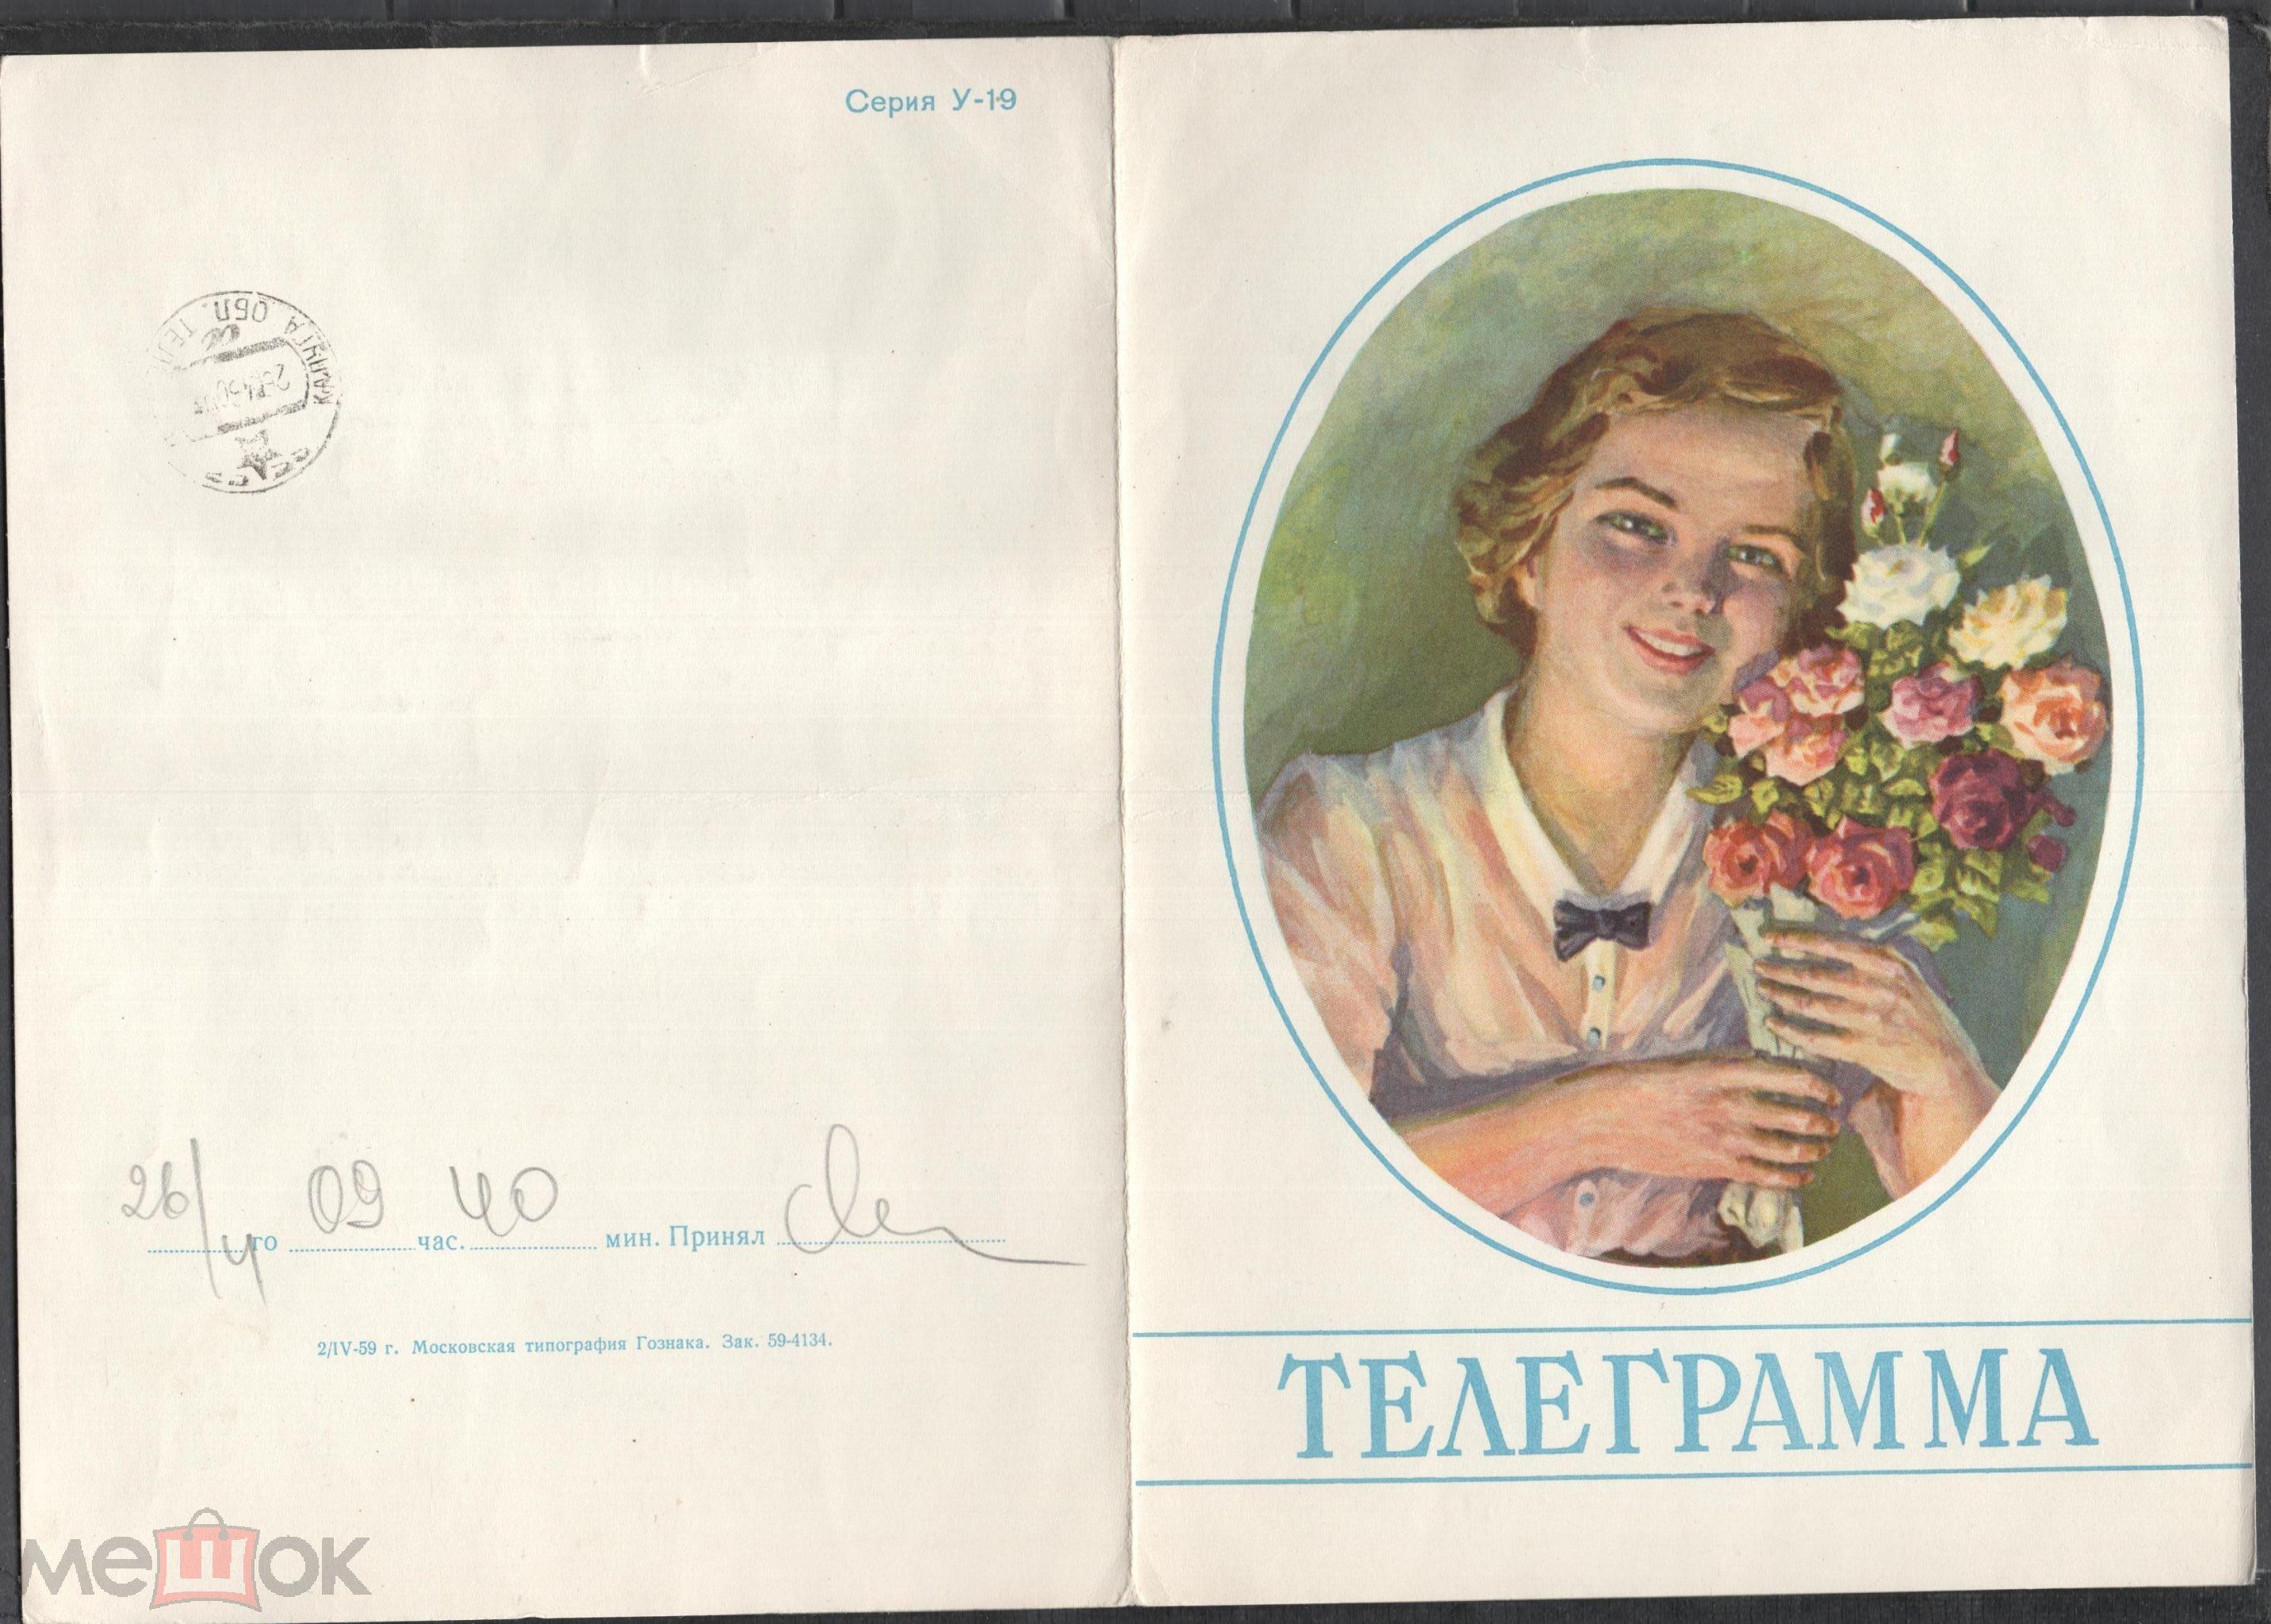 Картинки ростовом, открытки и телеграмма